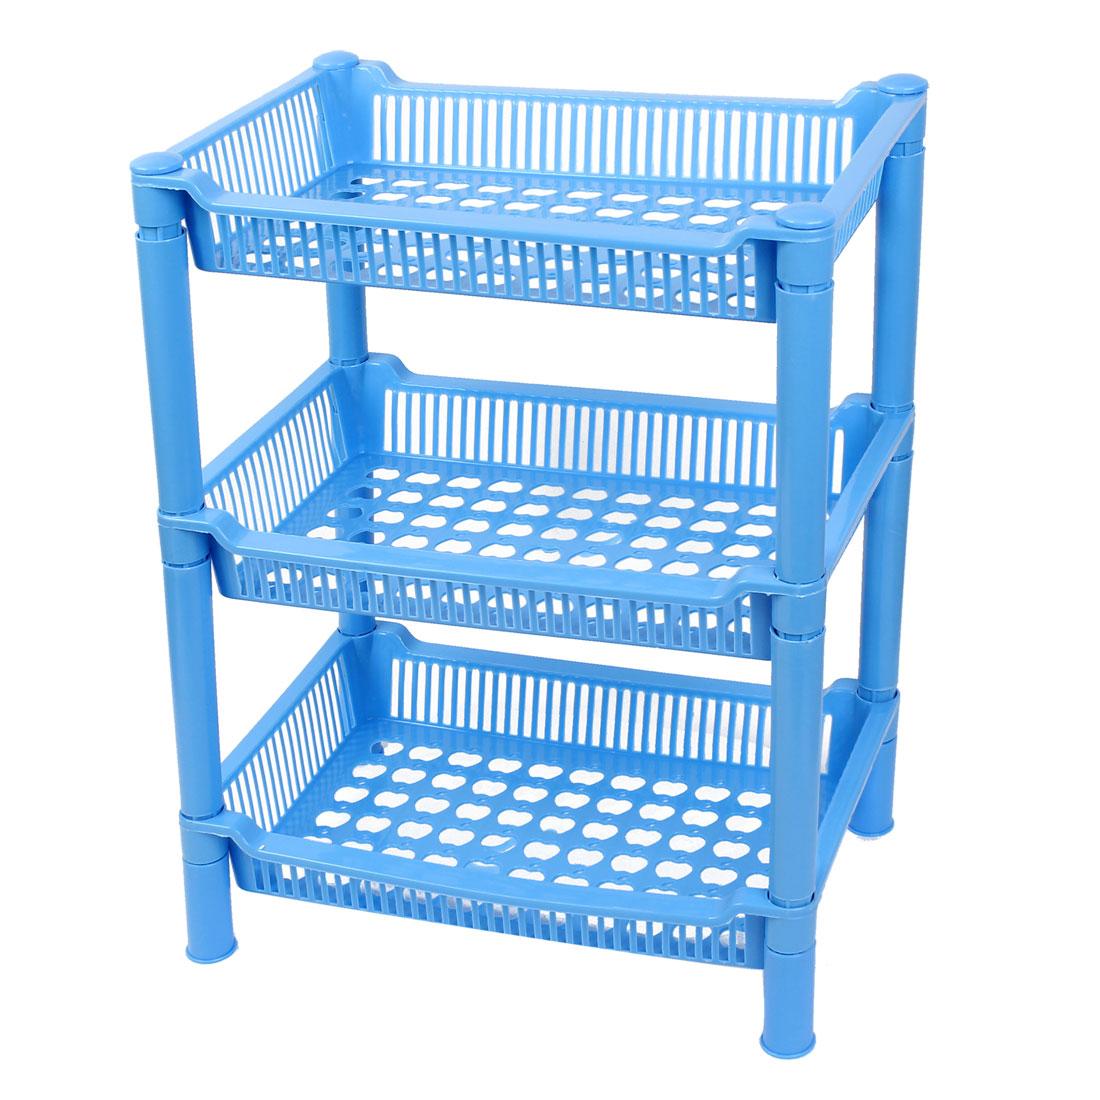 Home Plastic 3 Tier Rectangle Shelf Storage Rack Organizer Blue 36cm High